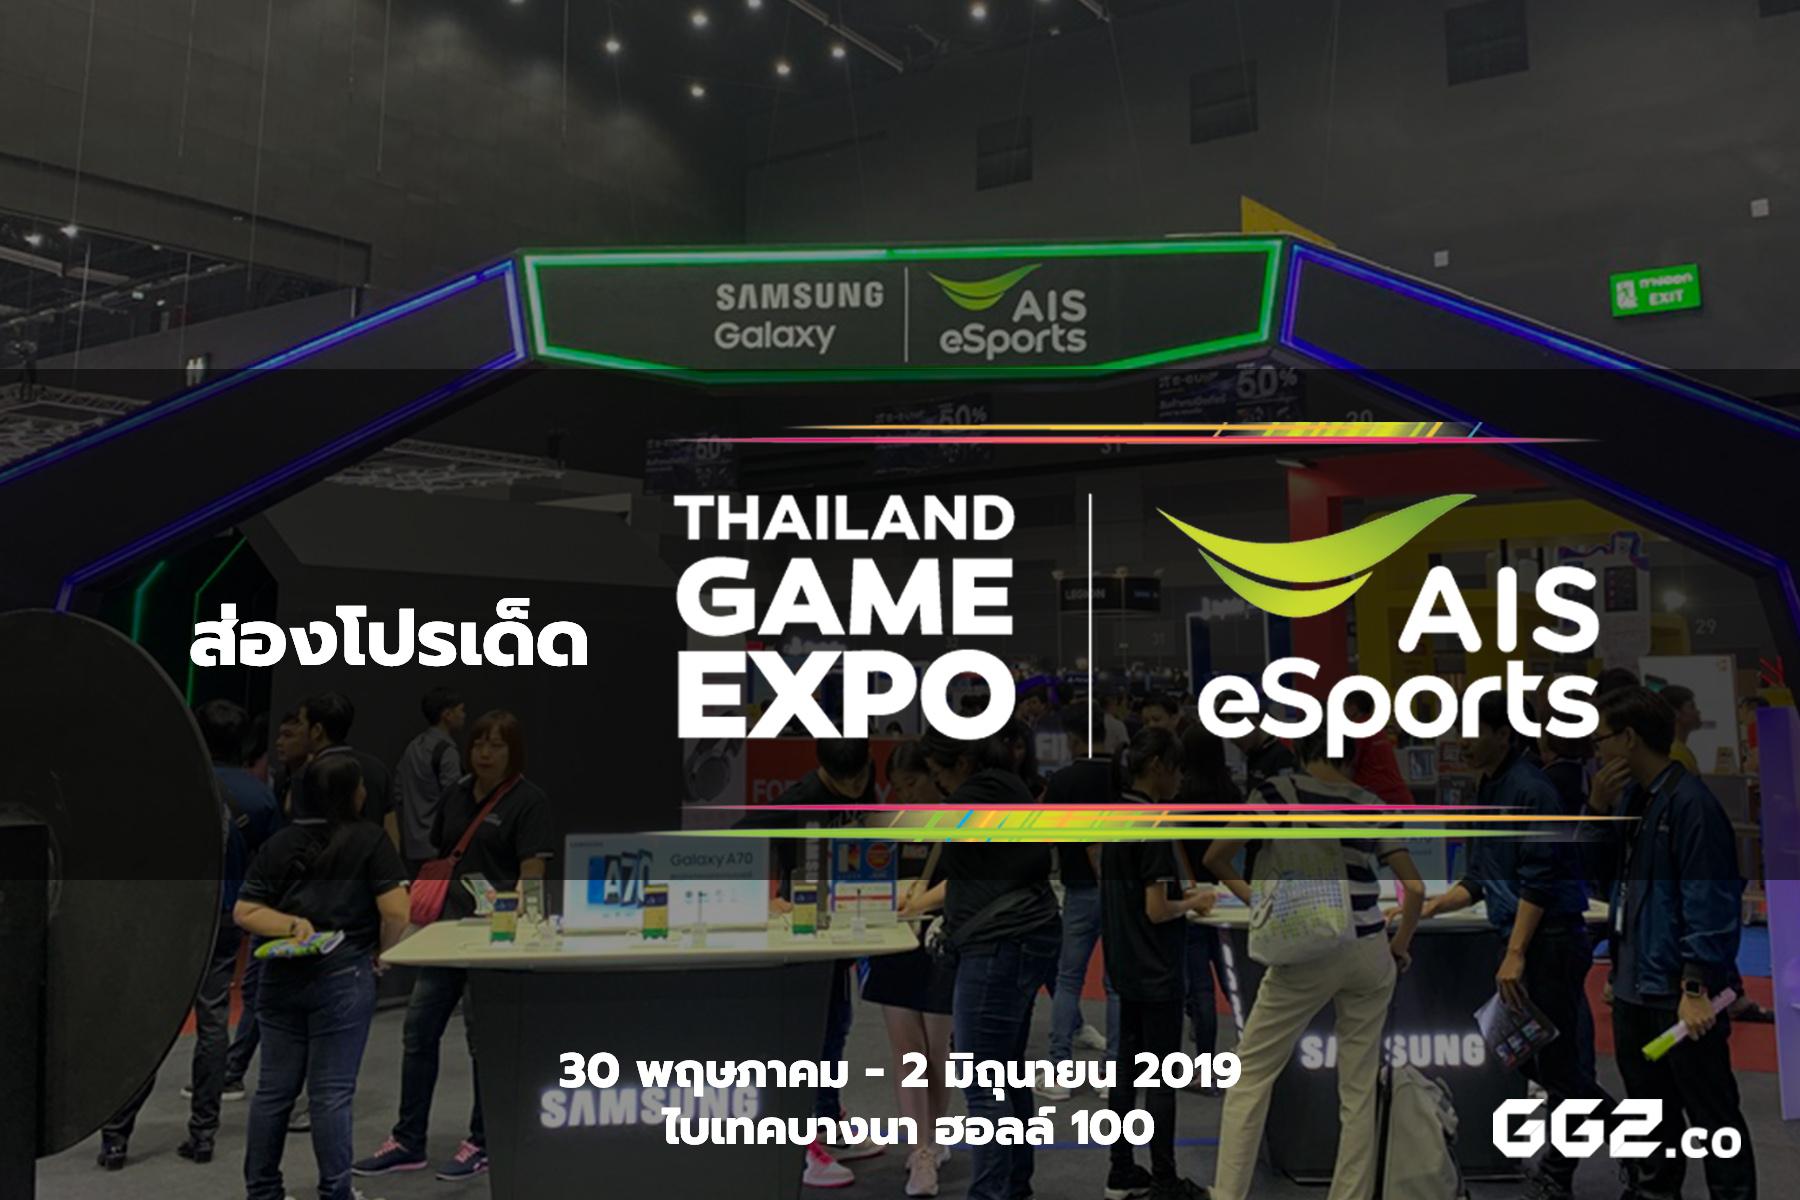 """ส่องโปรเด็ด """"Thailand Game Expo by AIS eSports"""" 🔥🔥 ครั้งแรกกับงานมหกรรมเกมและอุปกรณ์เกมมิ่งที่ใหญ่ที่สุดในประเทศไทย 🇹🇭🎮"""